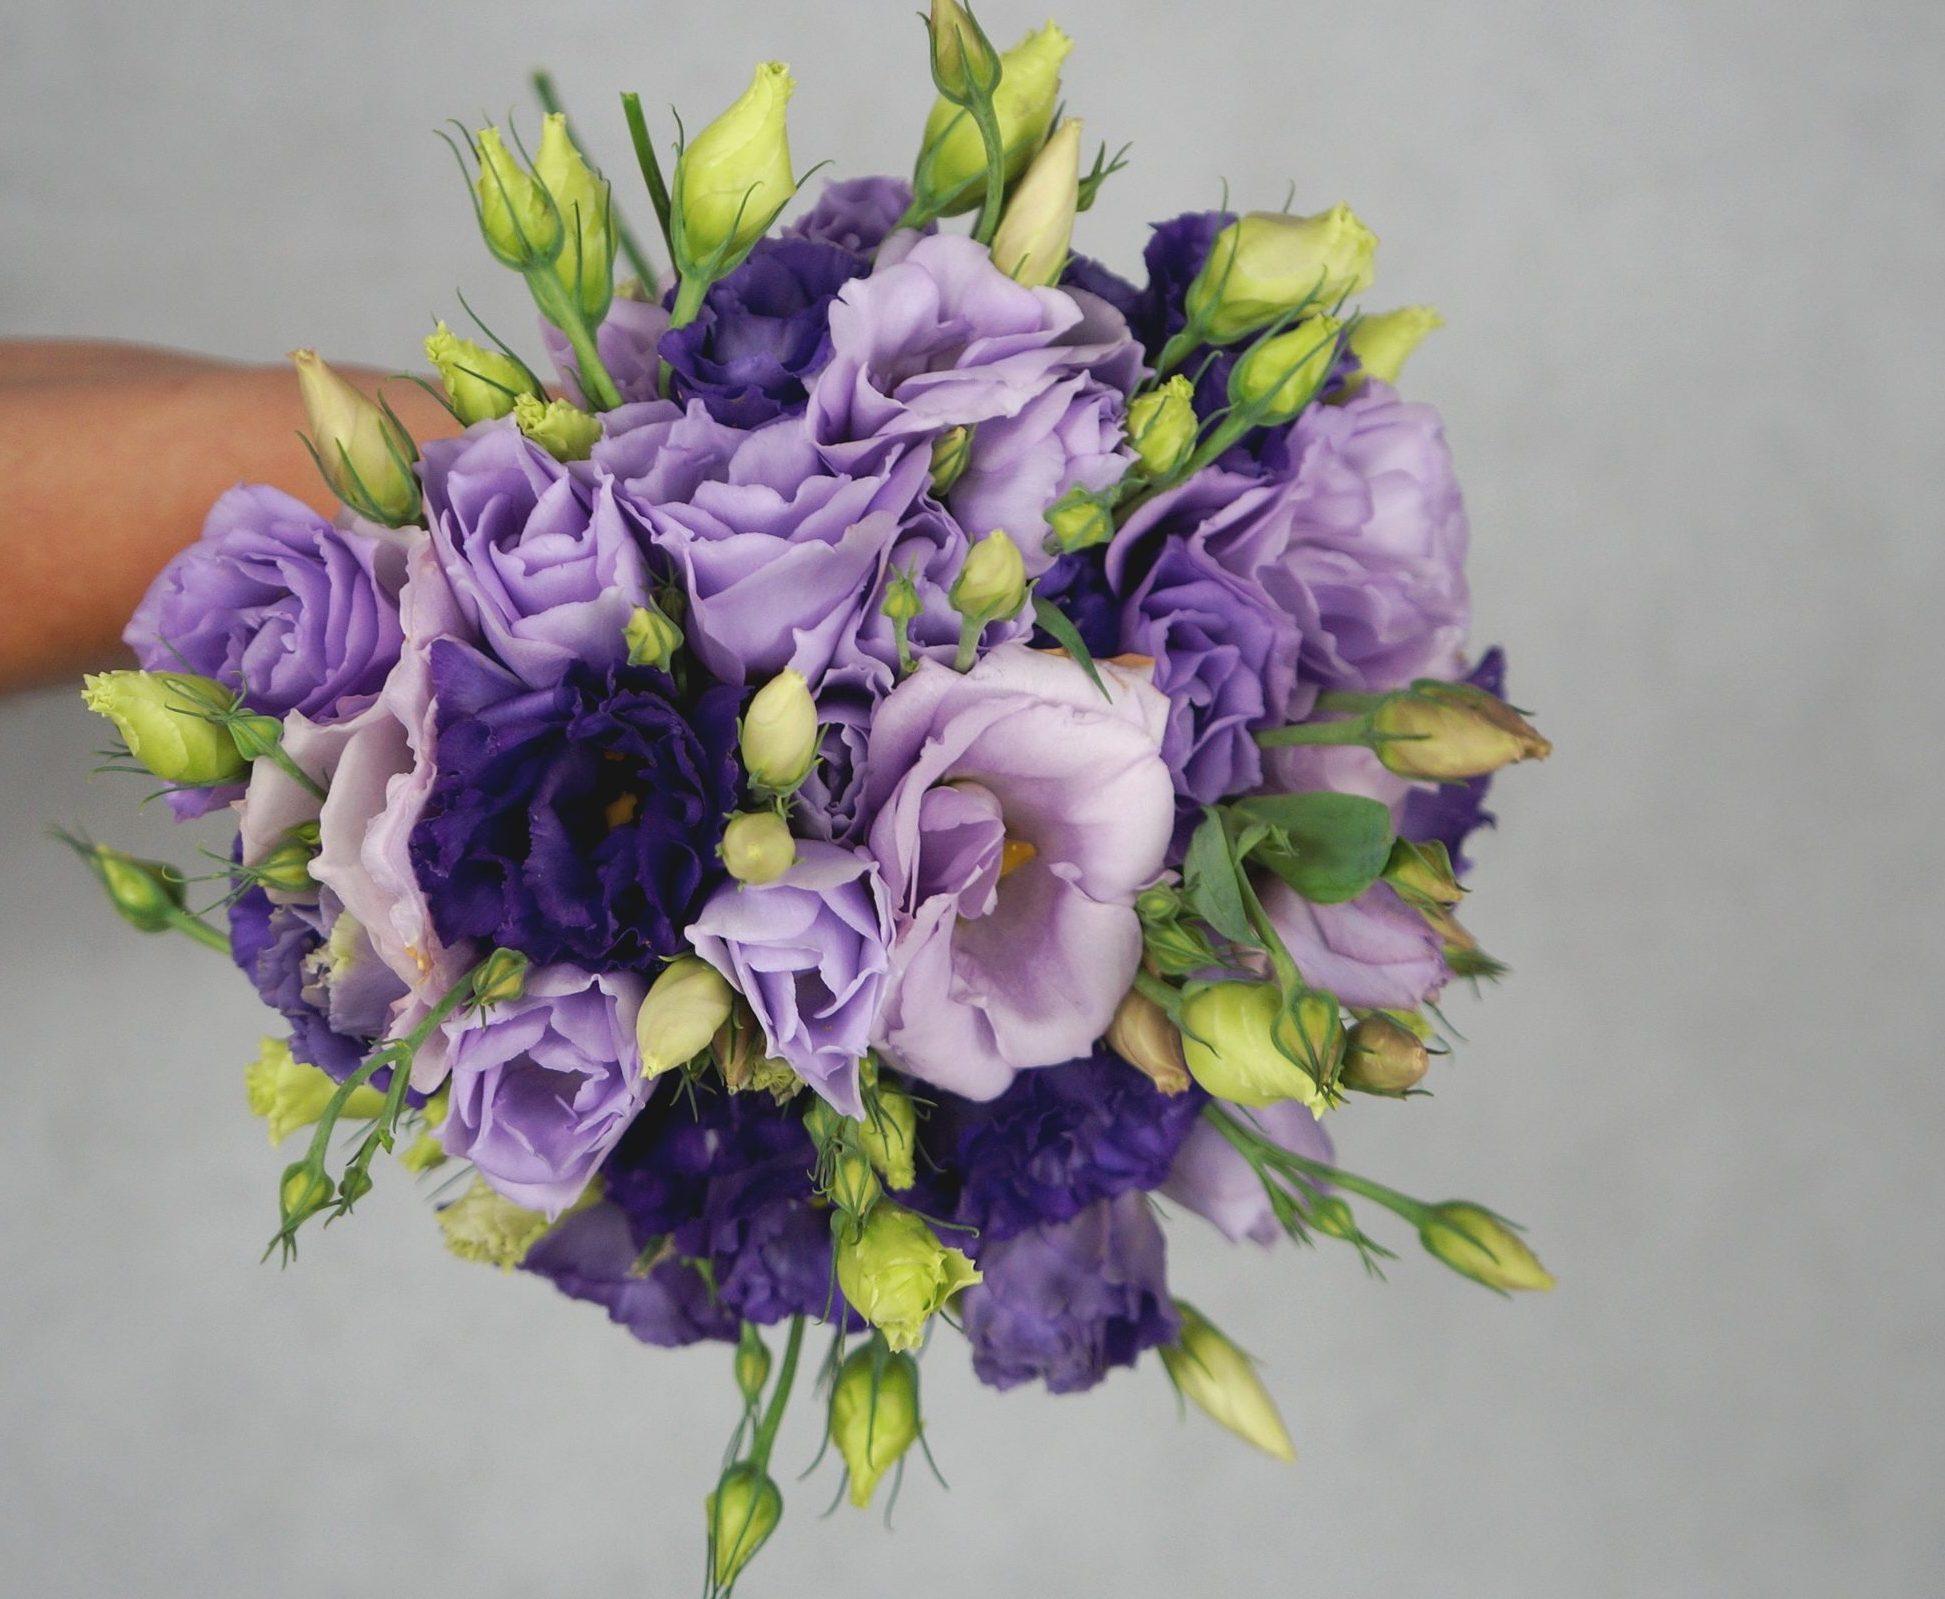 малък булчински букет в лилаво и виолетово